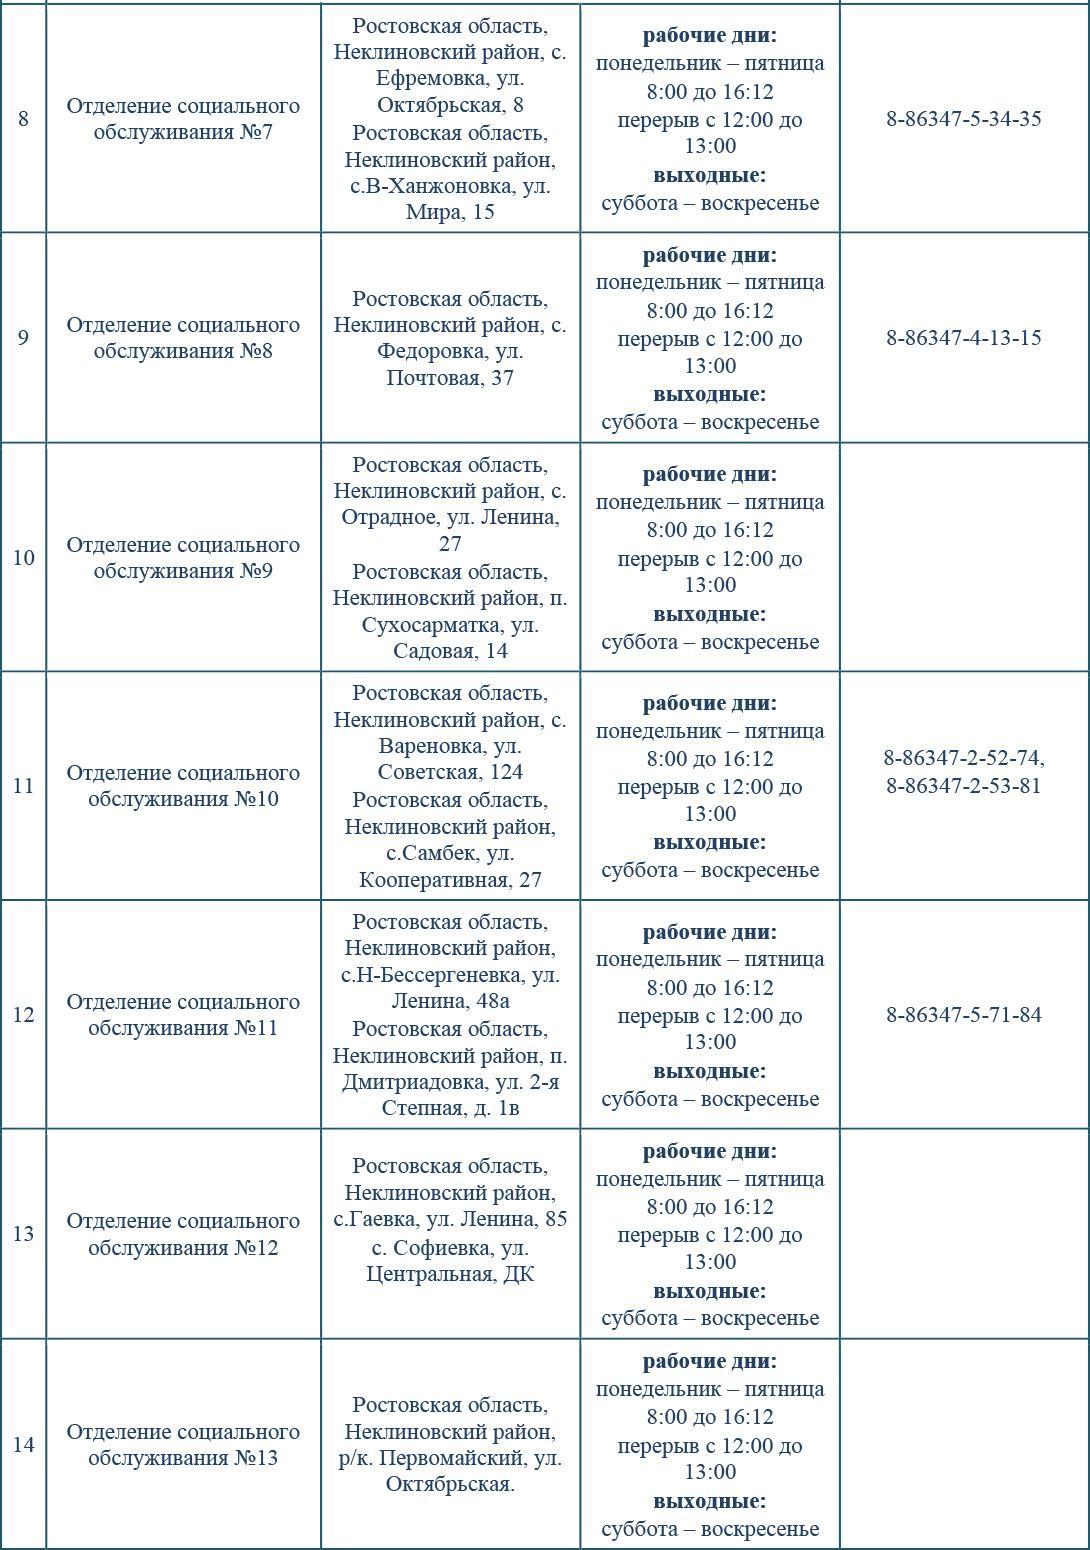 000002Informaciya-po-procedure-okazaniya-municipalnyh-uslug-csonekl-2